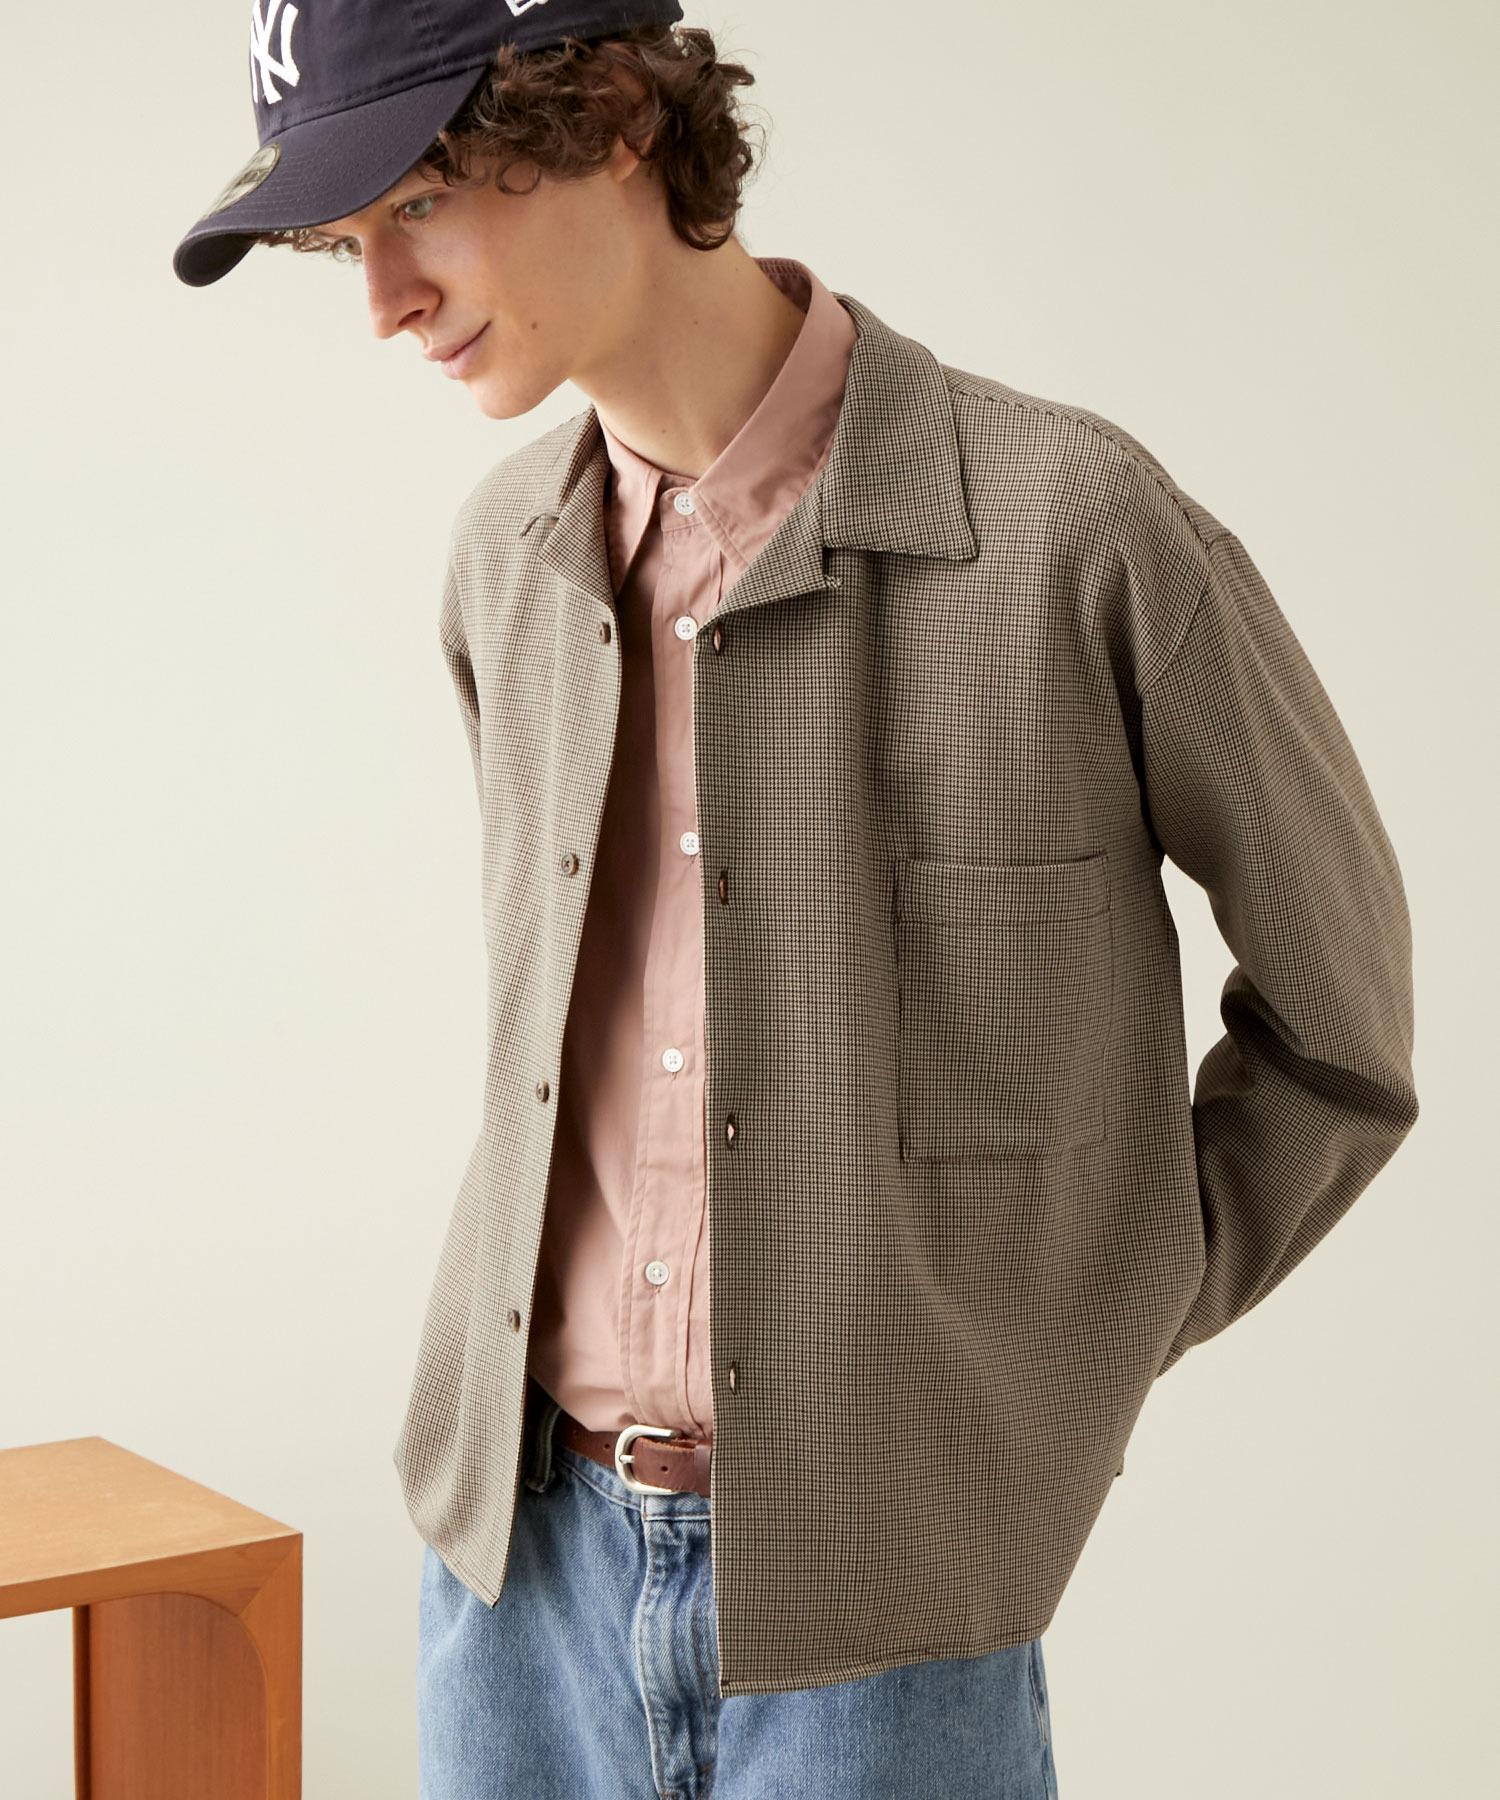 ブライトポプリンリラックスオープンカラーシャツ L/Sとろみシャツ Poplin Open Collar Shirt